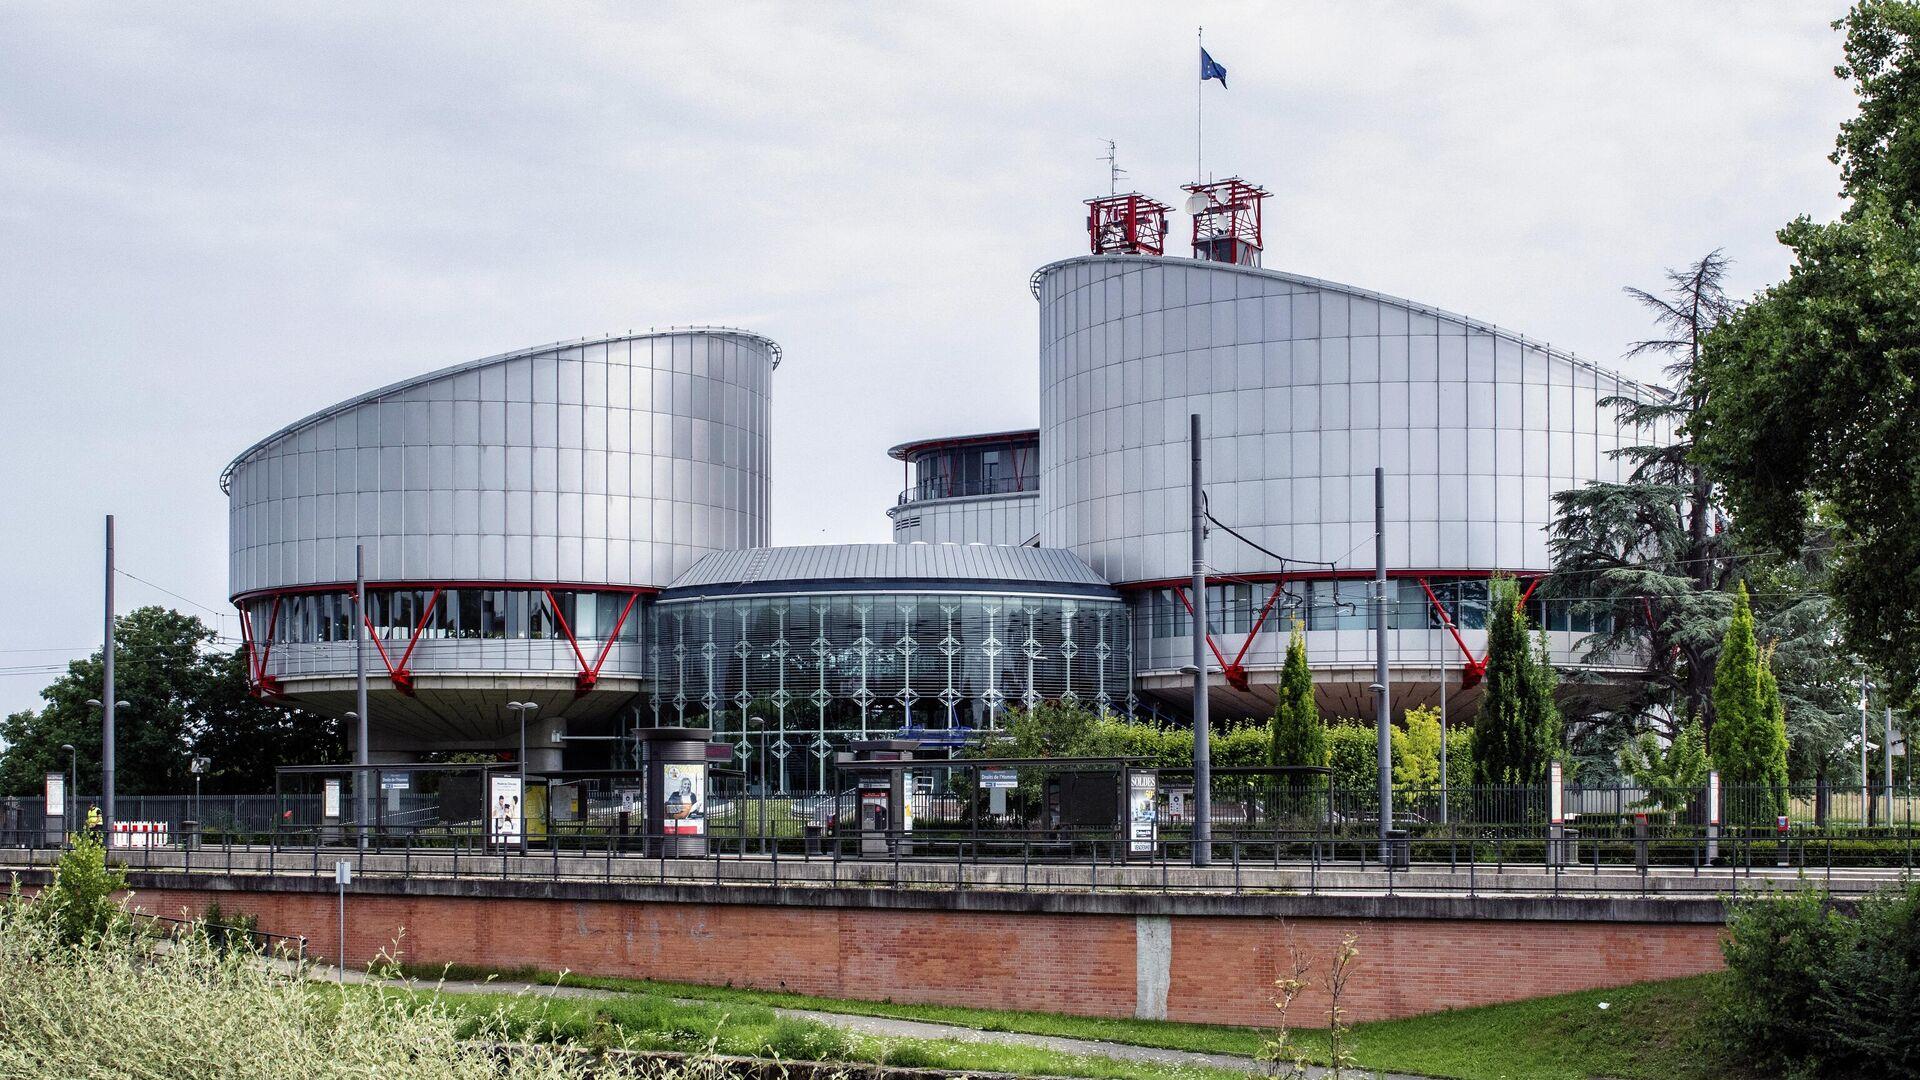 Депутаты ПАСЕ избрали Михаила Лобова одним из судей Европейского суда по правам человека